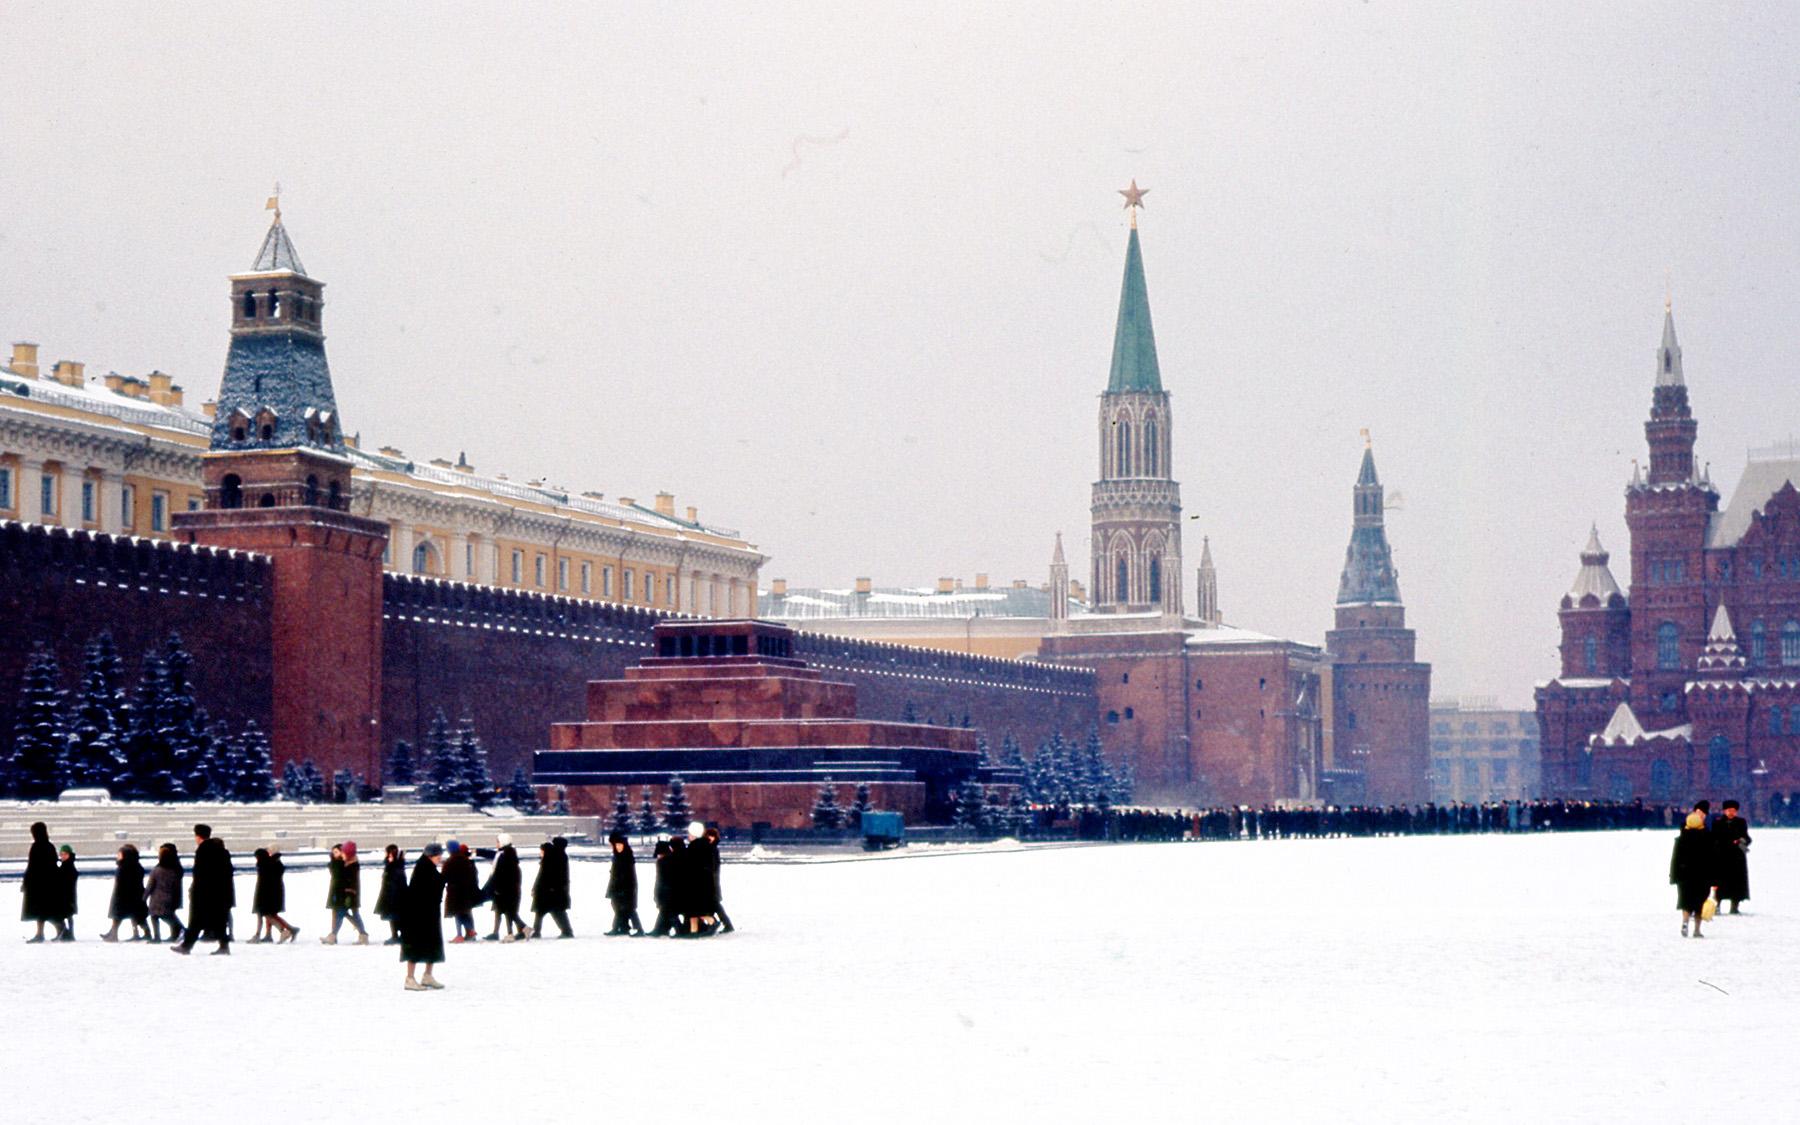 Томас Хаммонд. Очередь перед Мавзолеем Ленина. Март 1964 г.